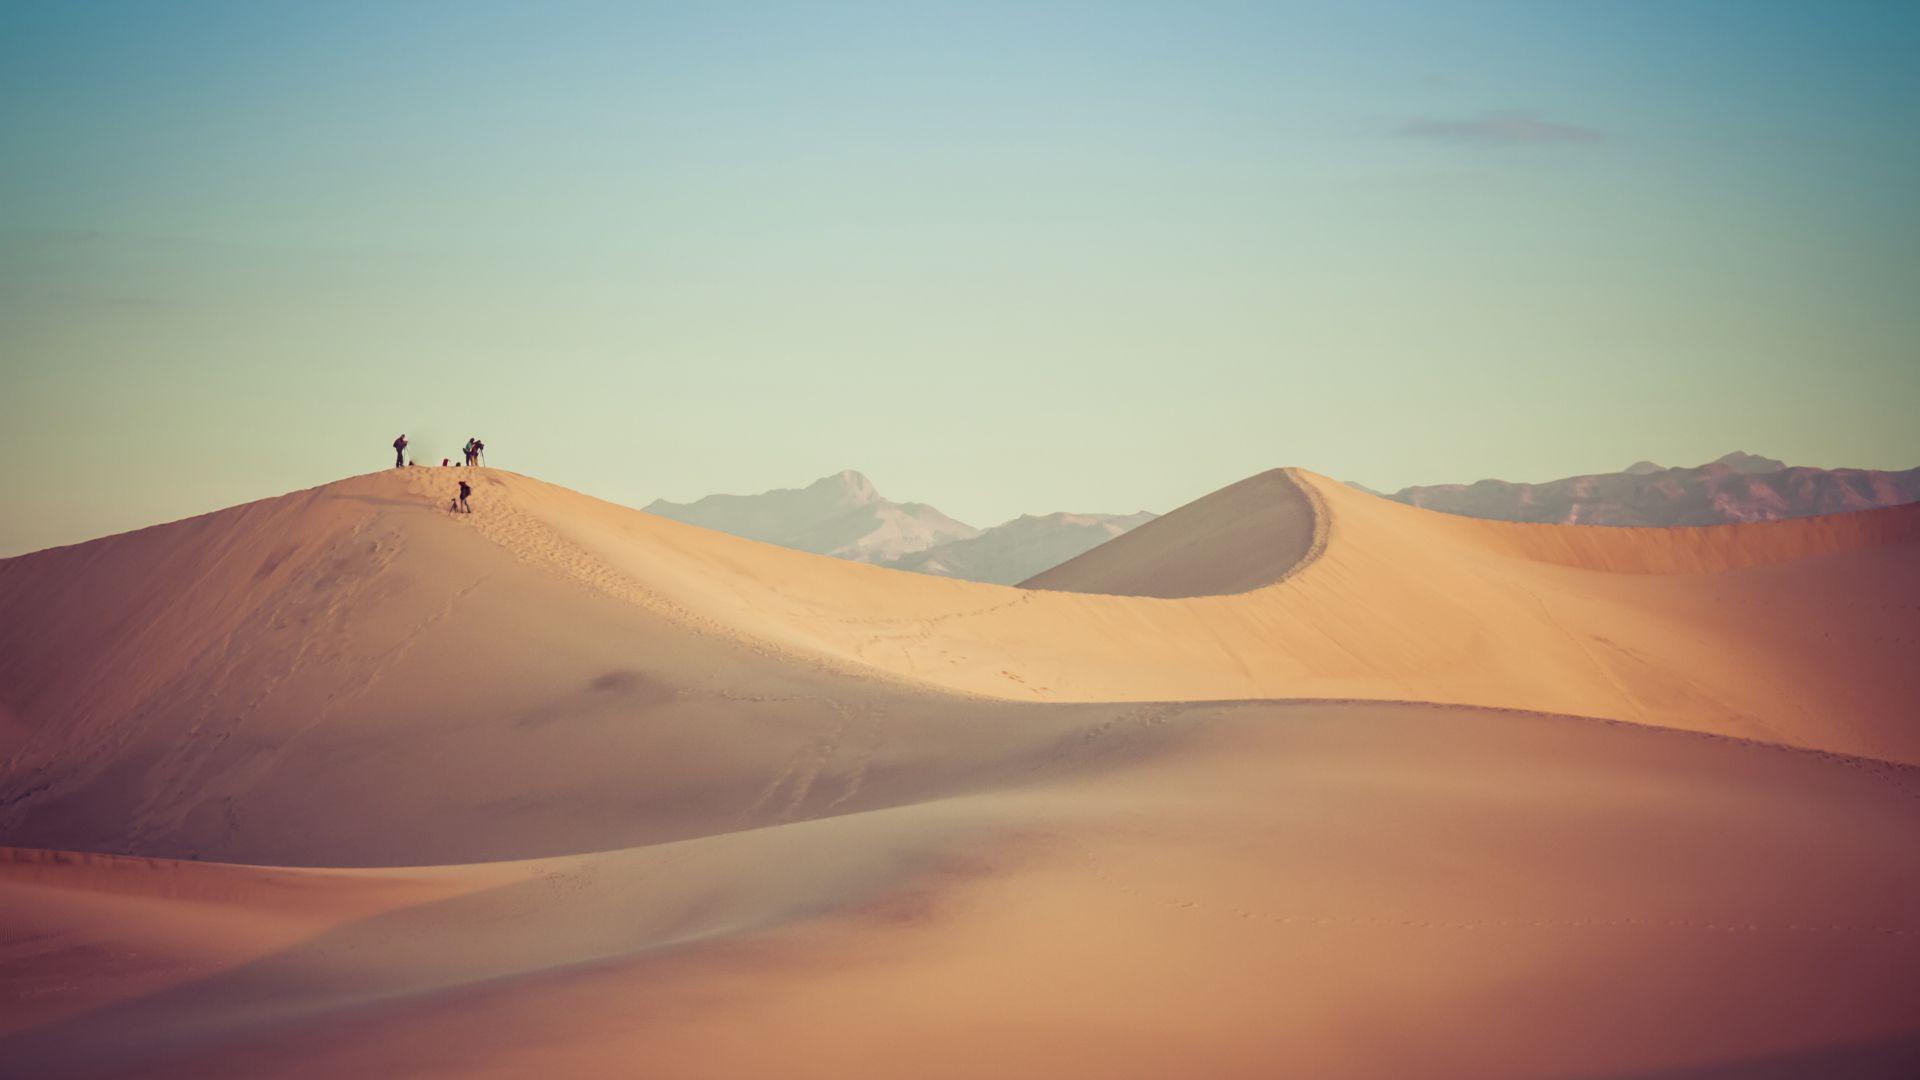 Wallpaper desert 5k 4k wallpaper 8k sand sky nature for Wallpaper home 5k